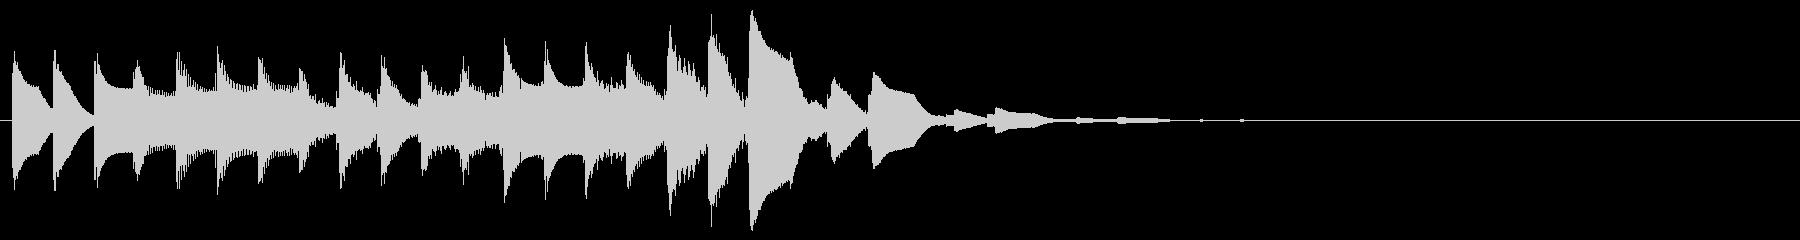 ズクジャンジャン… 高(トピック、題目)の未再生の波形